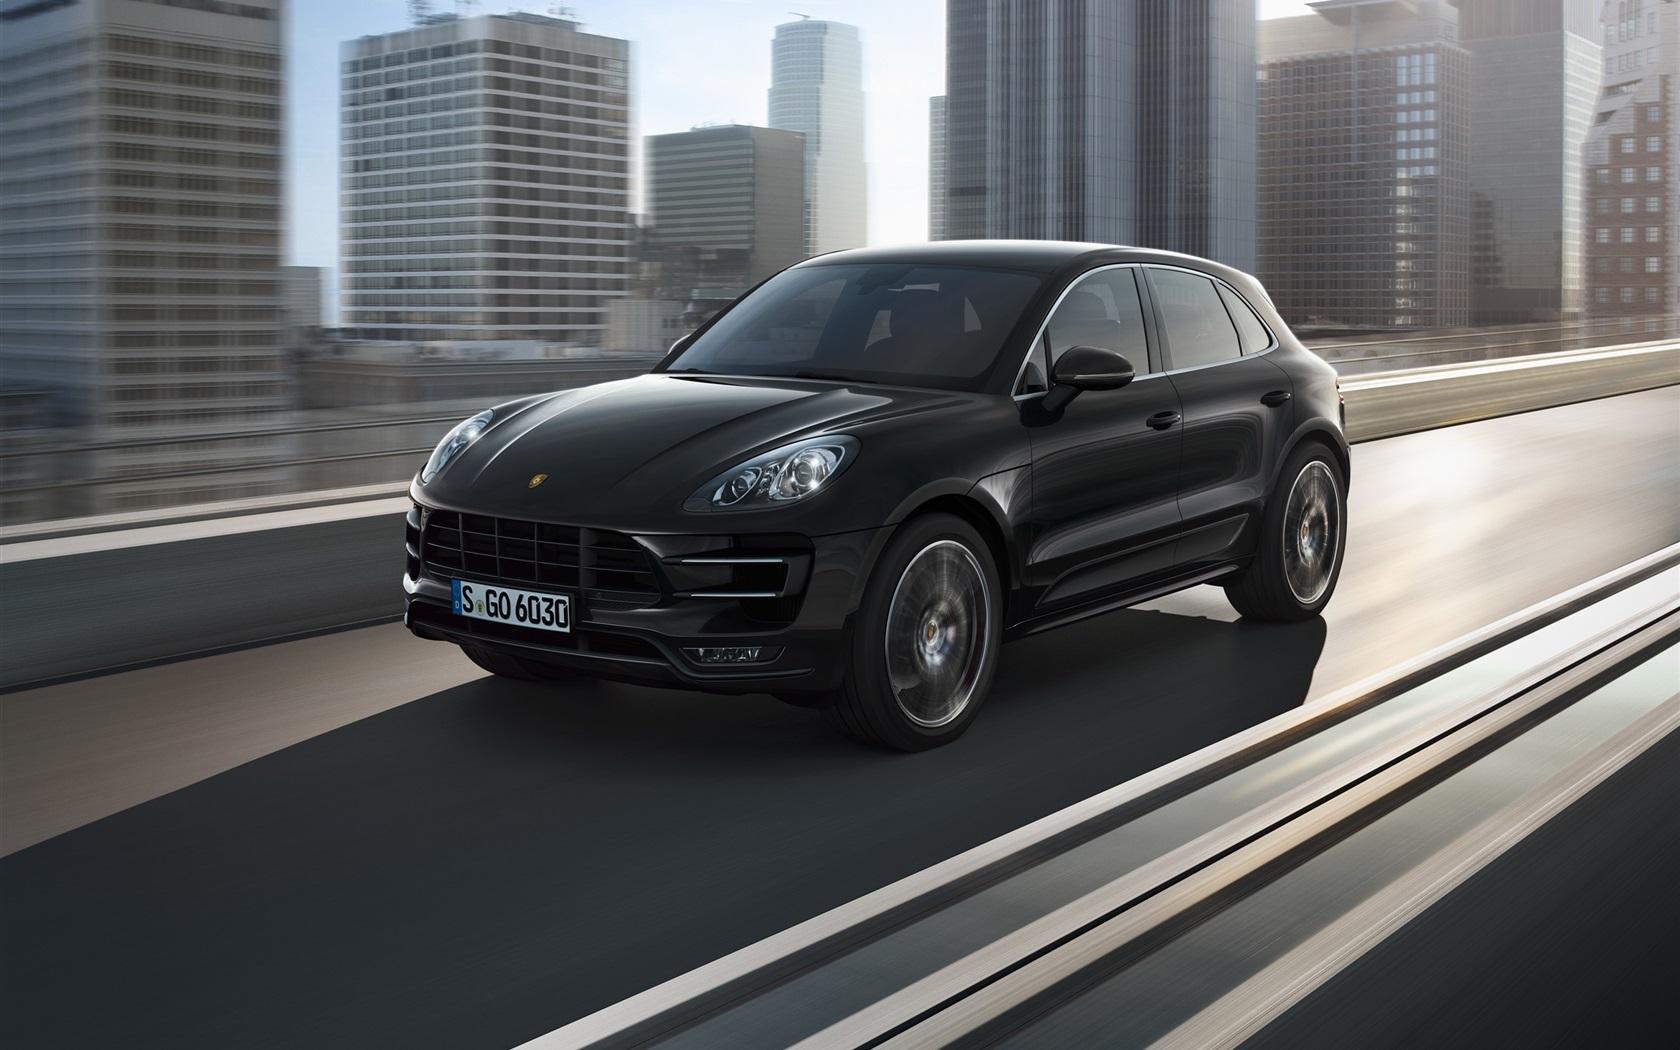 Porsche Macan S 2014 Wallpapers: Wallpaper Porsche Macan 2014 Black SUV Car 2560x1920 HD